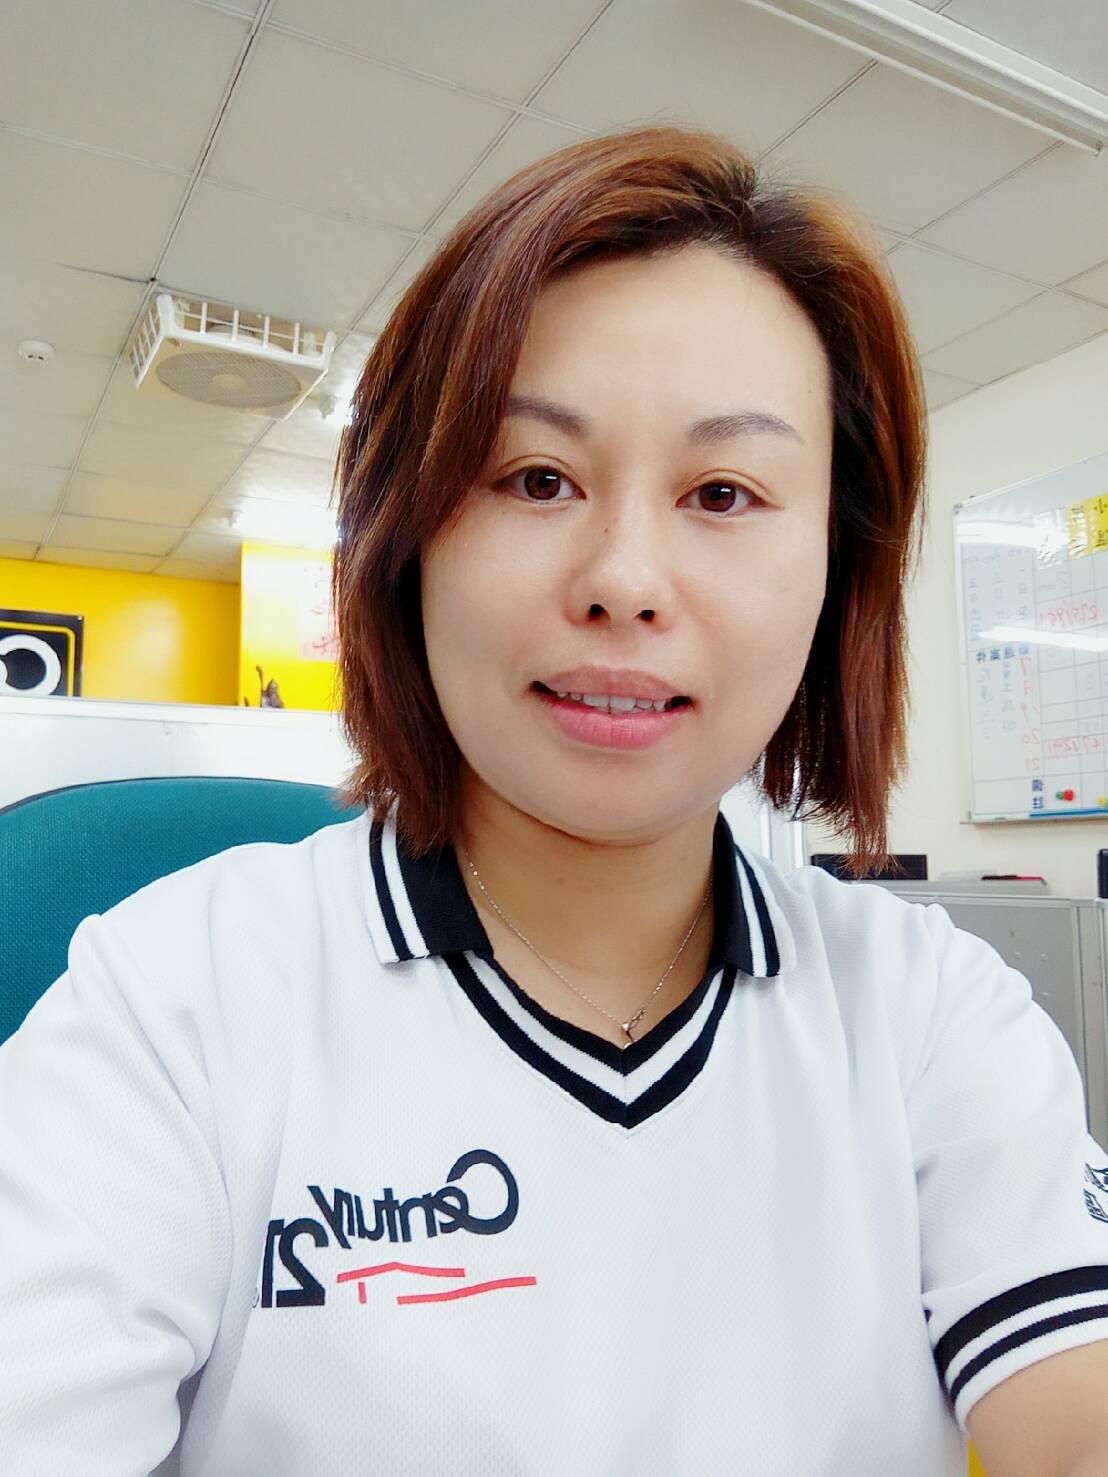 陳琪媜 0922611996